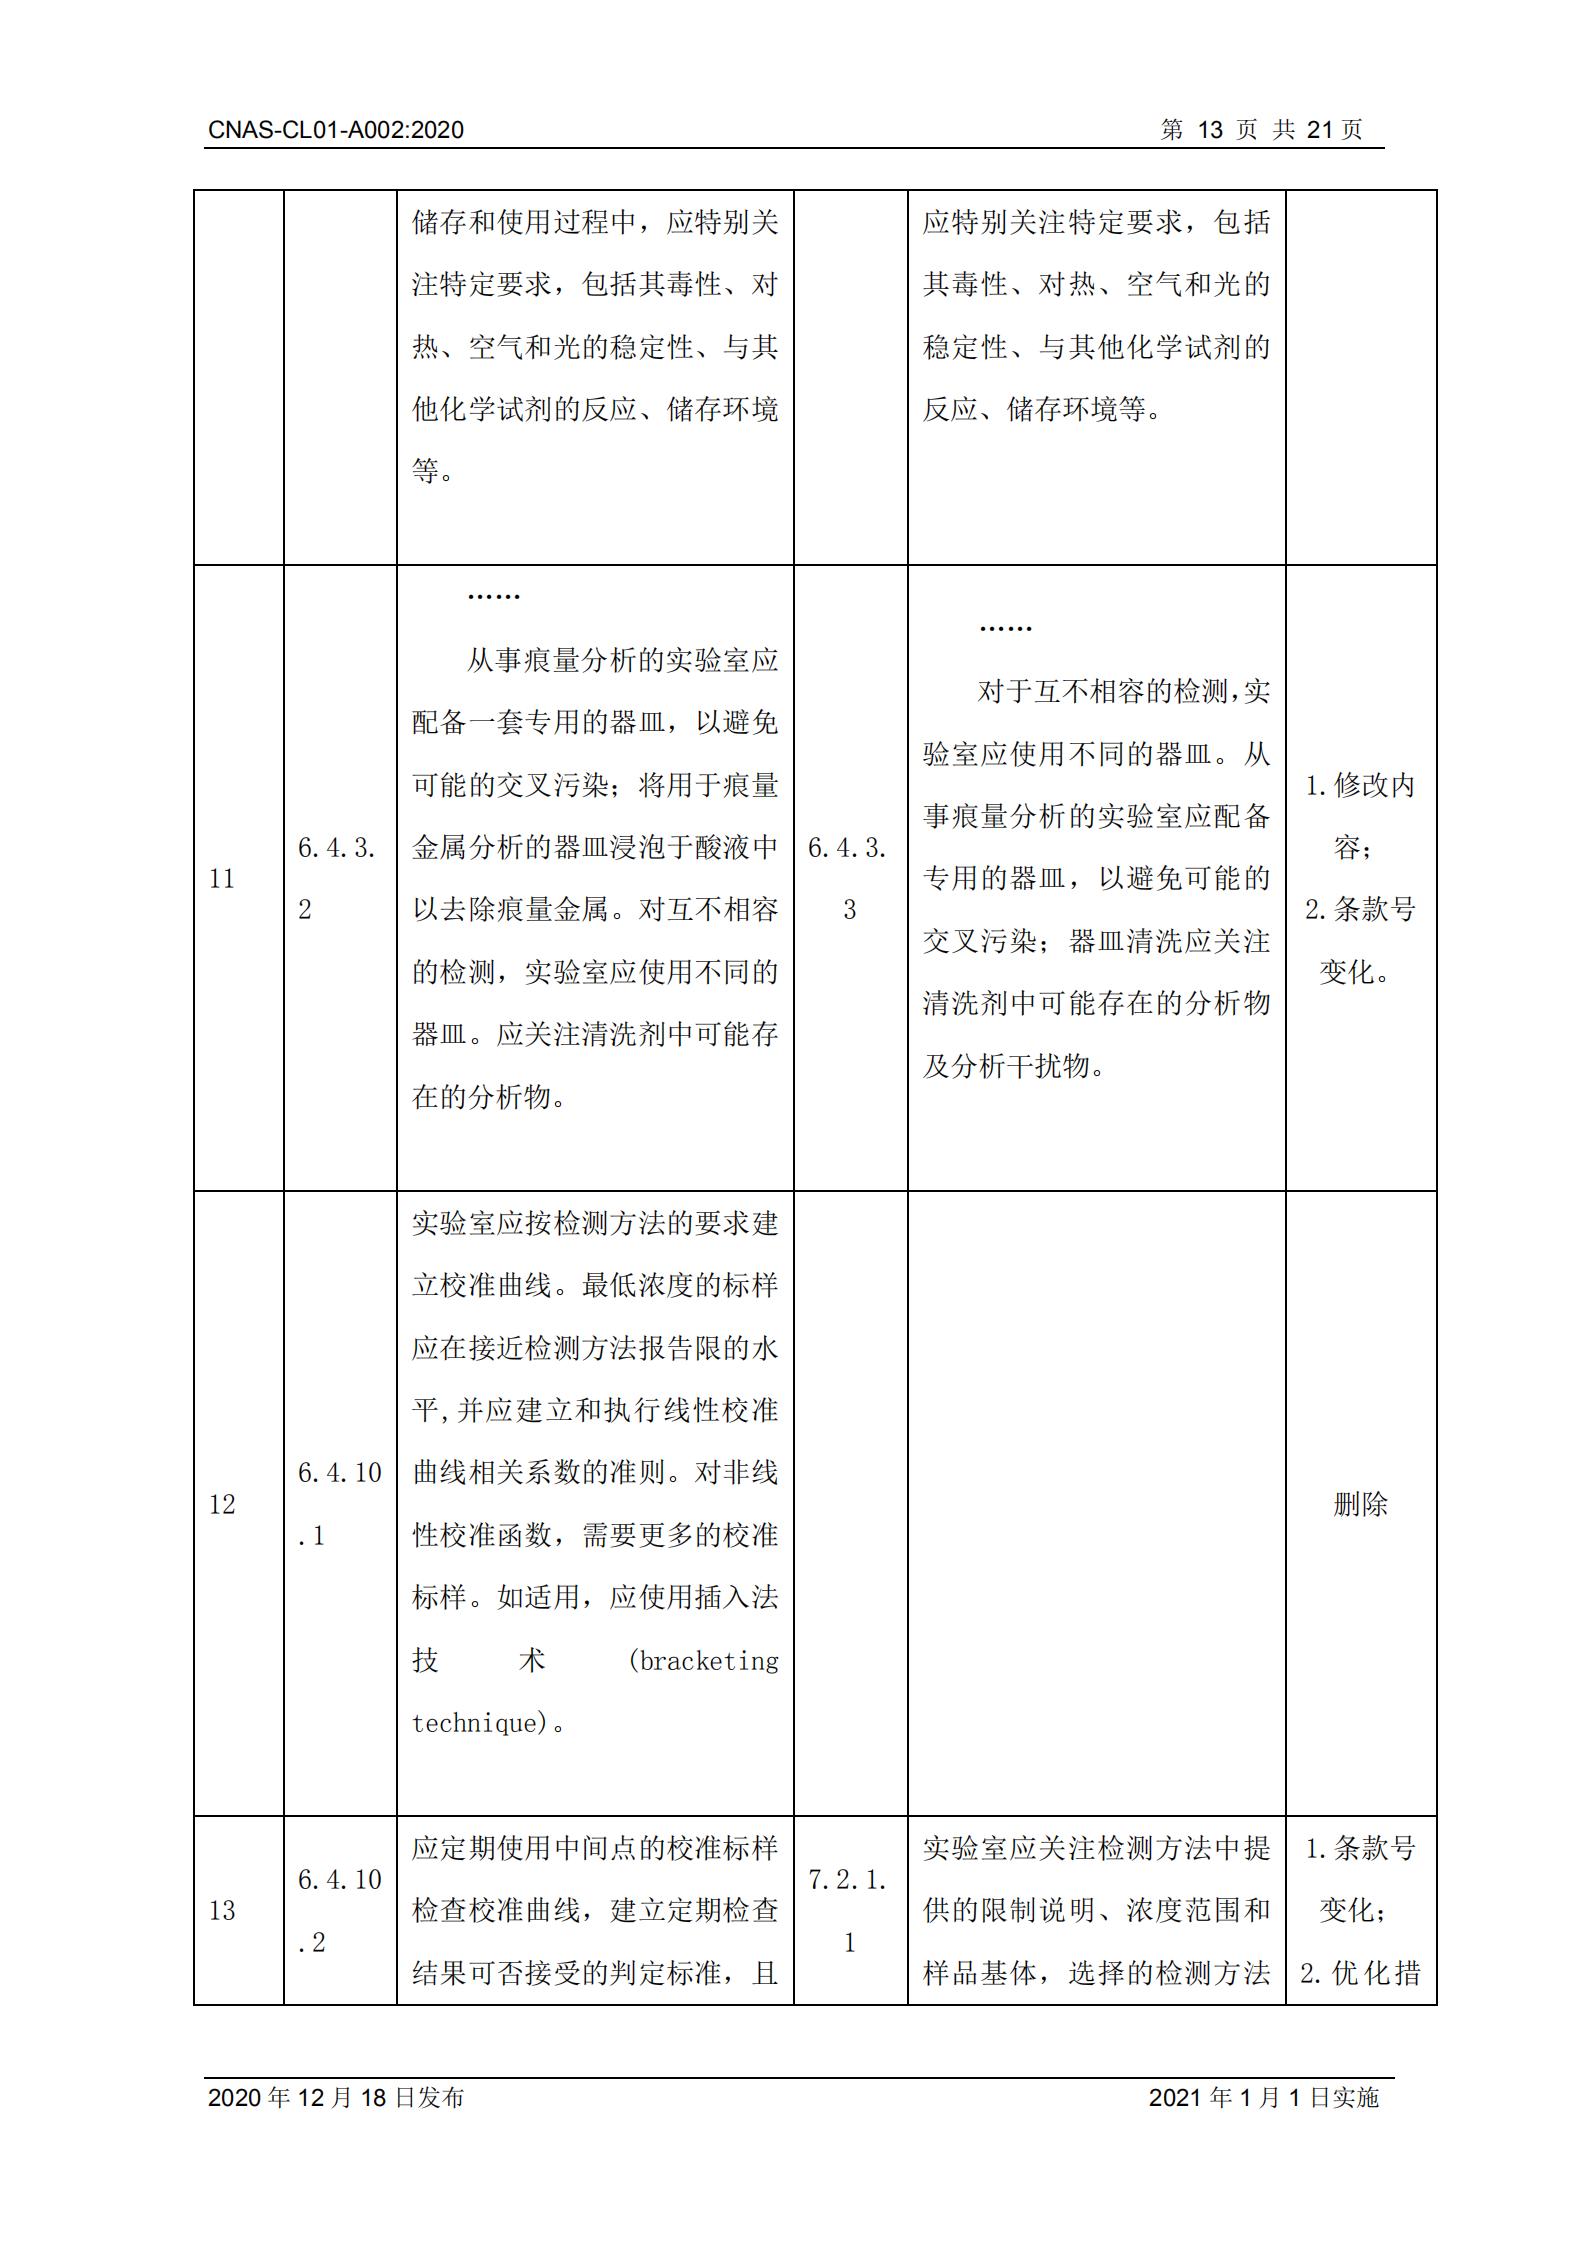 CNAS-CL01-A002_2020_13.png